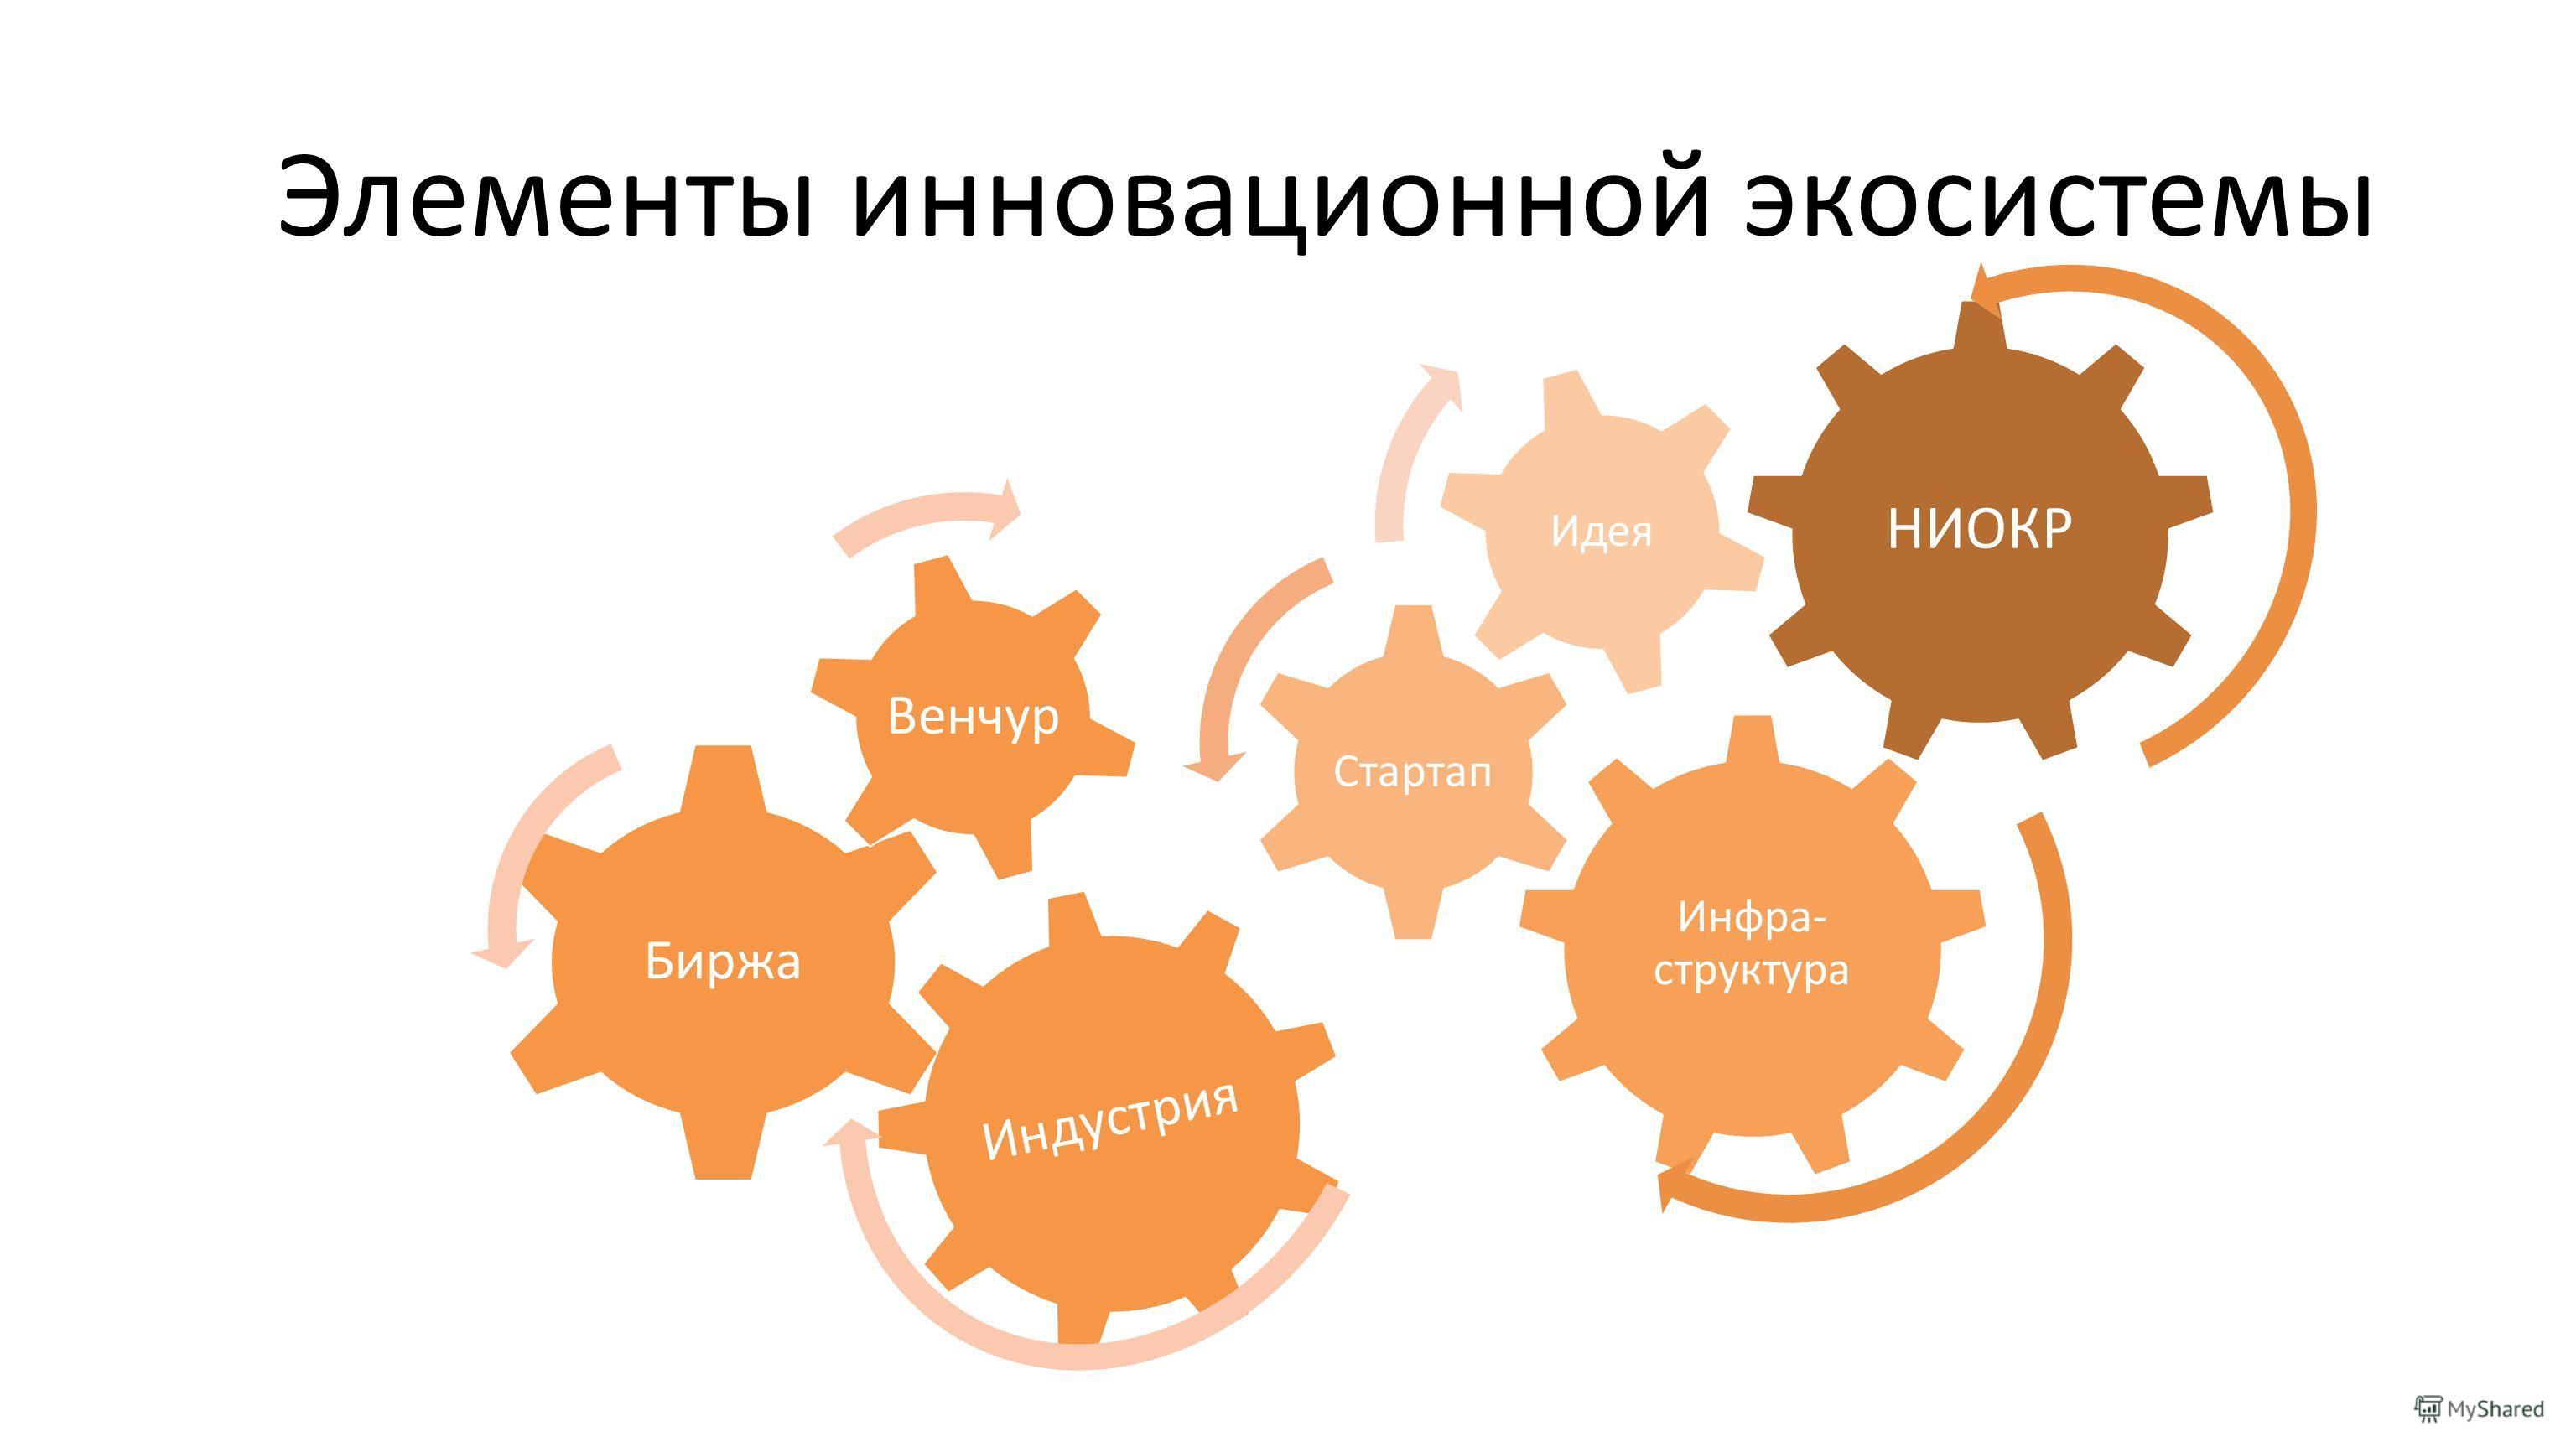 Инфра- структура Стартап Идея Элементы инновационной экосистемы Индустрия Биржа Венчур НИОКР